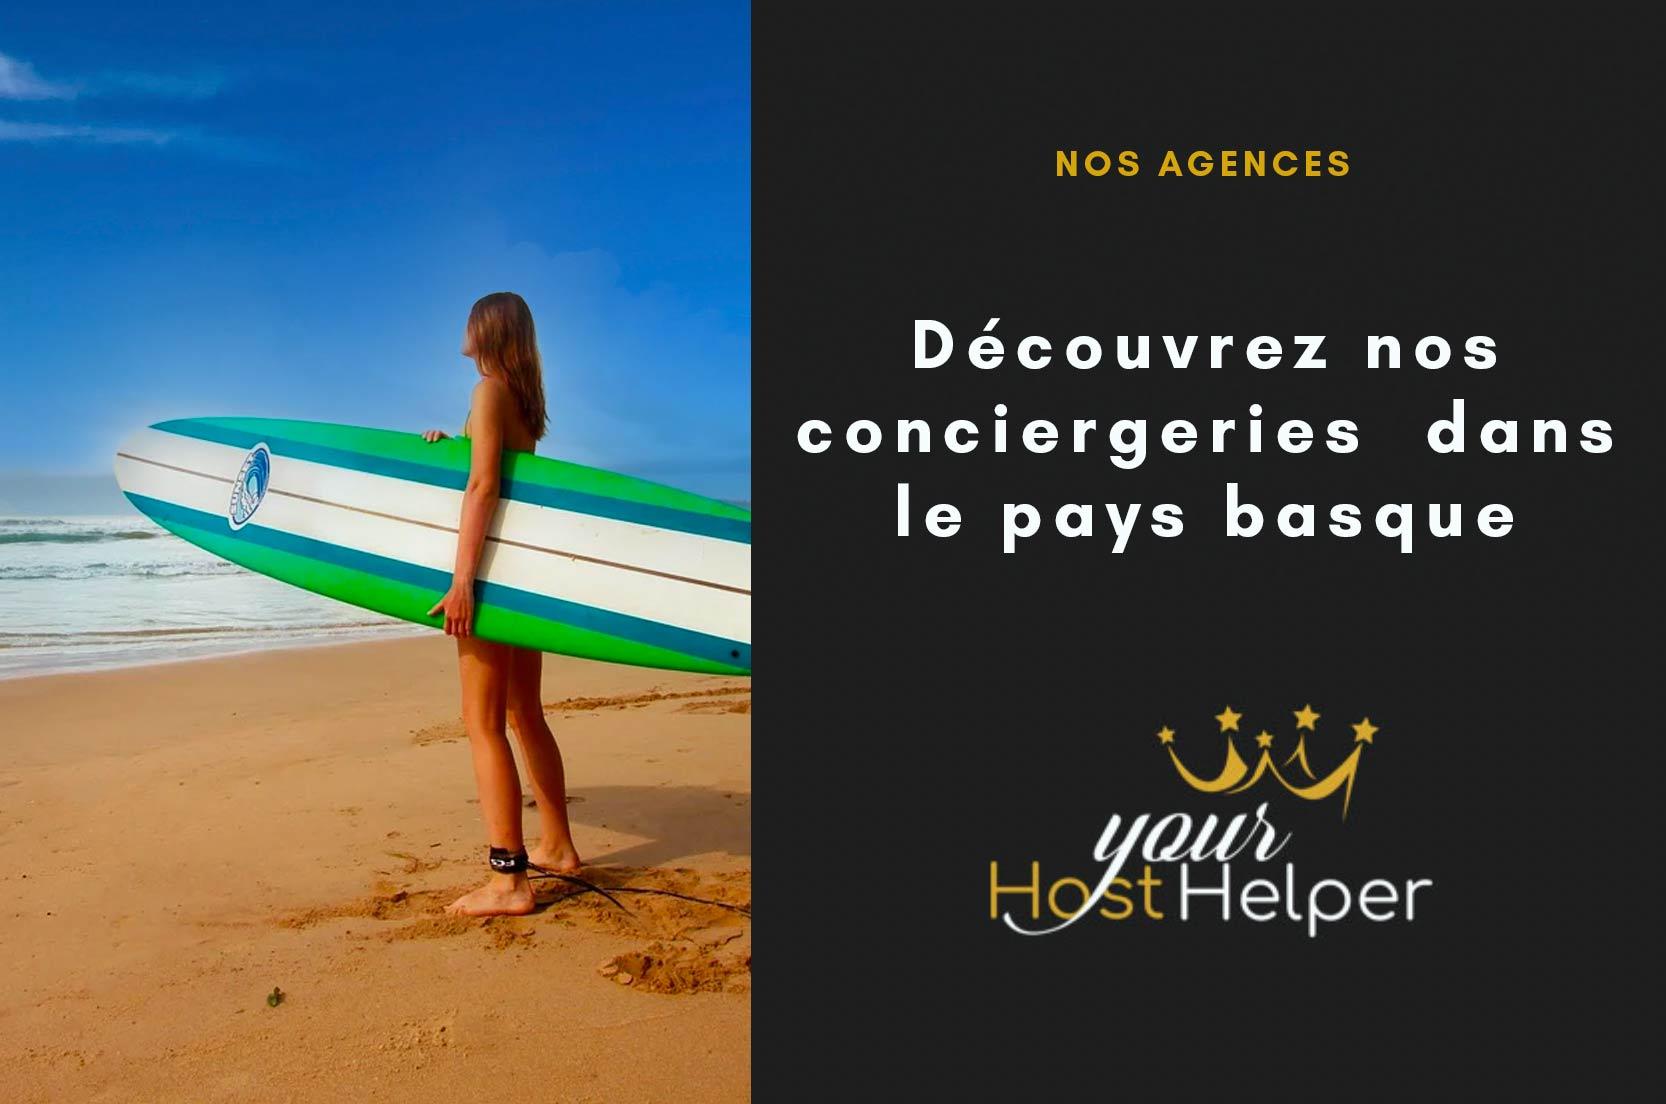 Découvrez nos conciergeries sur la côte basque et dans le pays basque